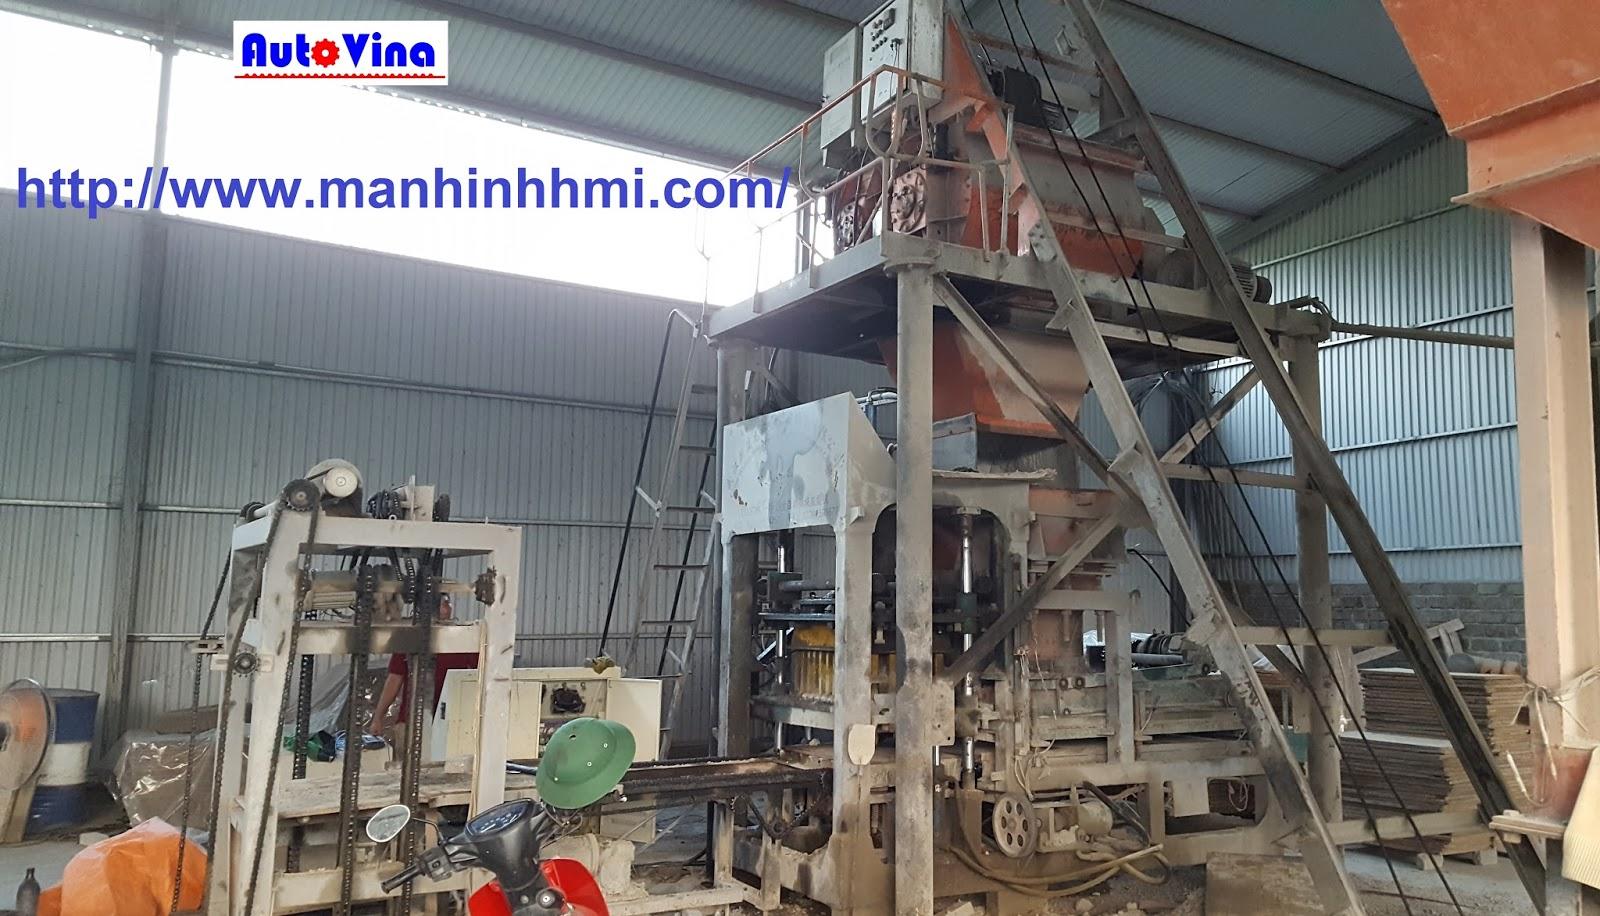 Dây chuyền gạch block, ép gạch không nung, gạch bê tông của Trung Quốc do Auto Vina sửa chữa